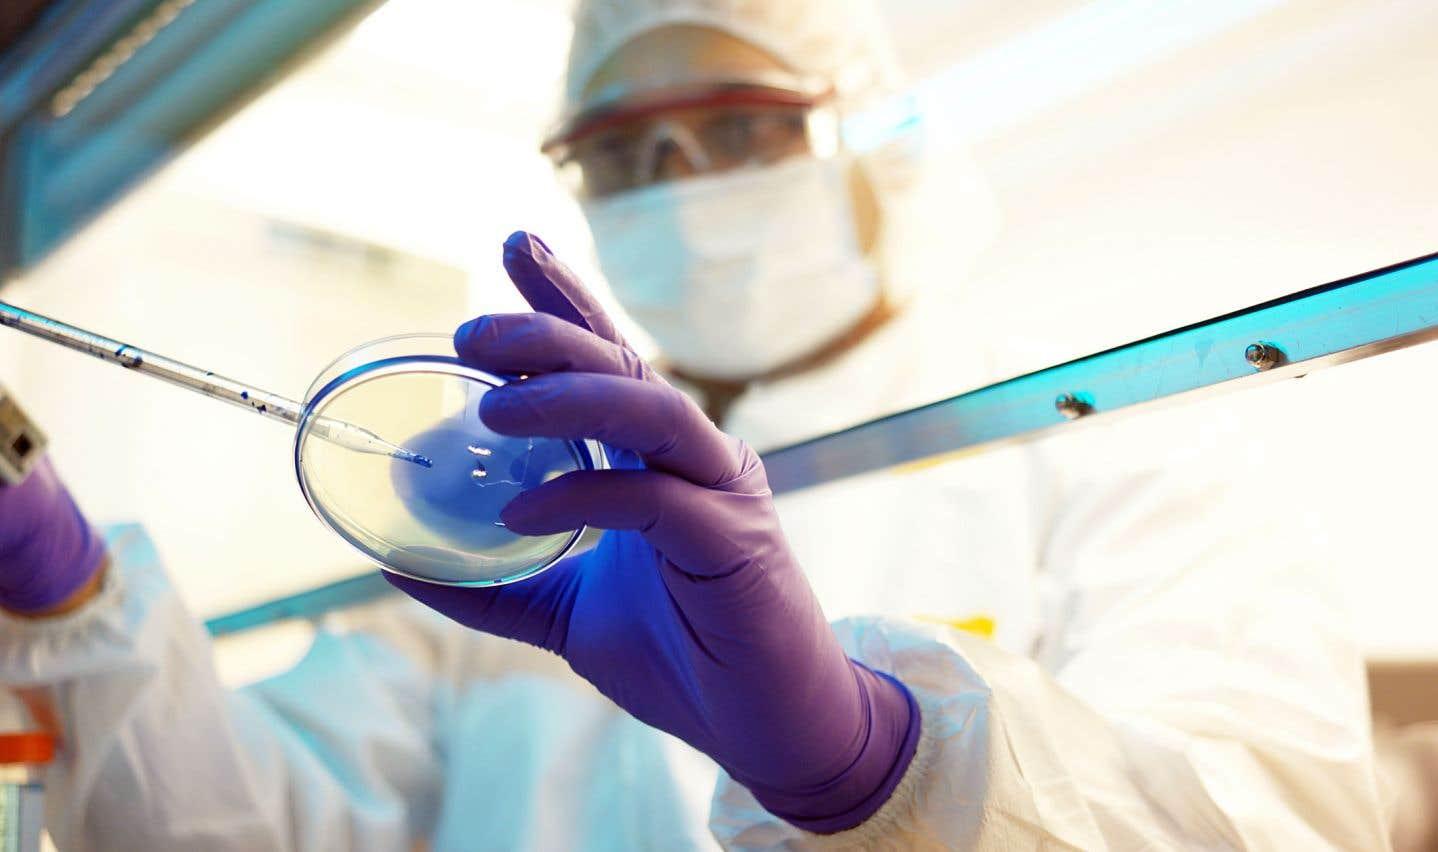 Ces antibiotiques ont démontré une puissante activité antibactérienne contre des pathogènes résistants aux antibiotiques utilisés en clinique.